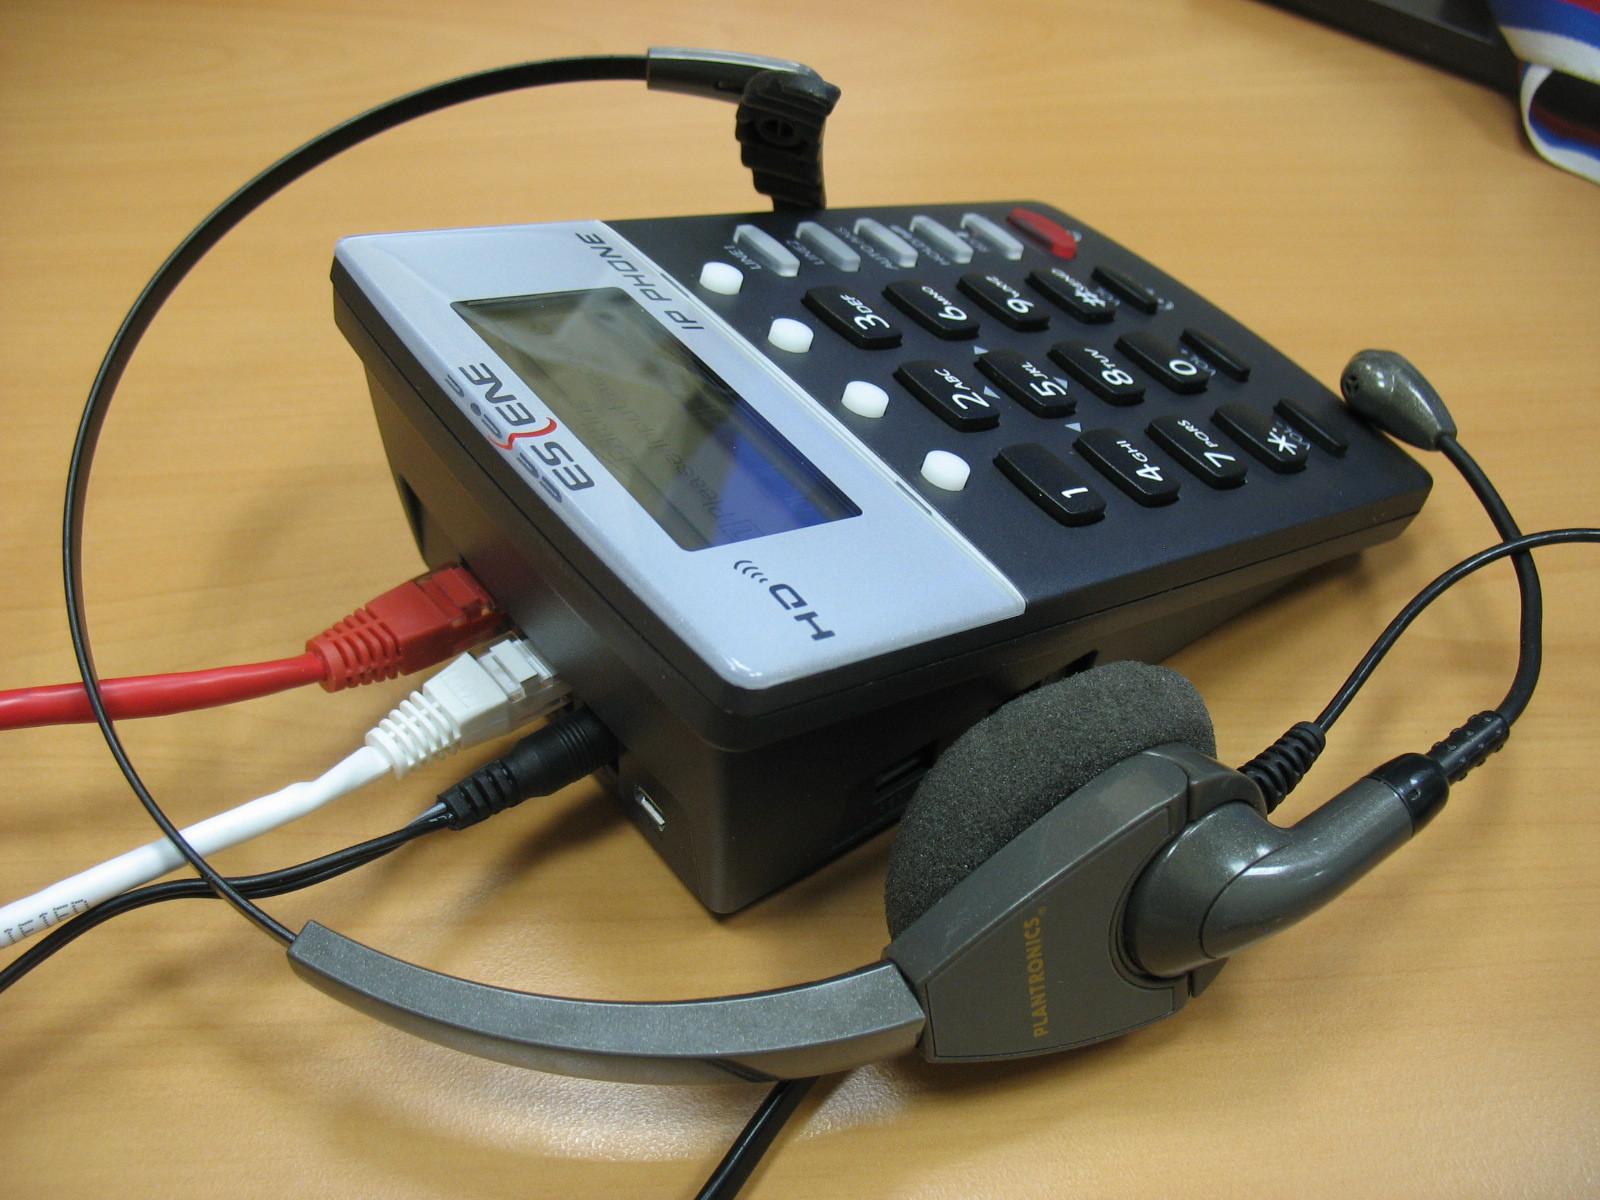 Вид телефона на столе с гарнитурой